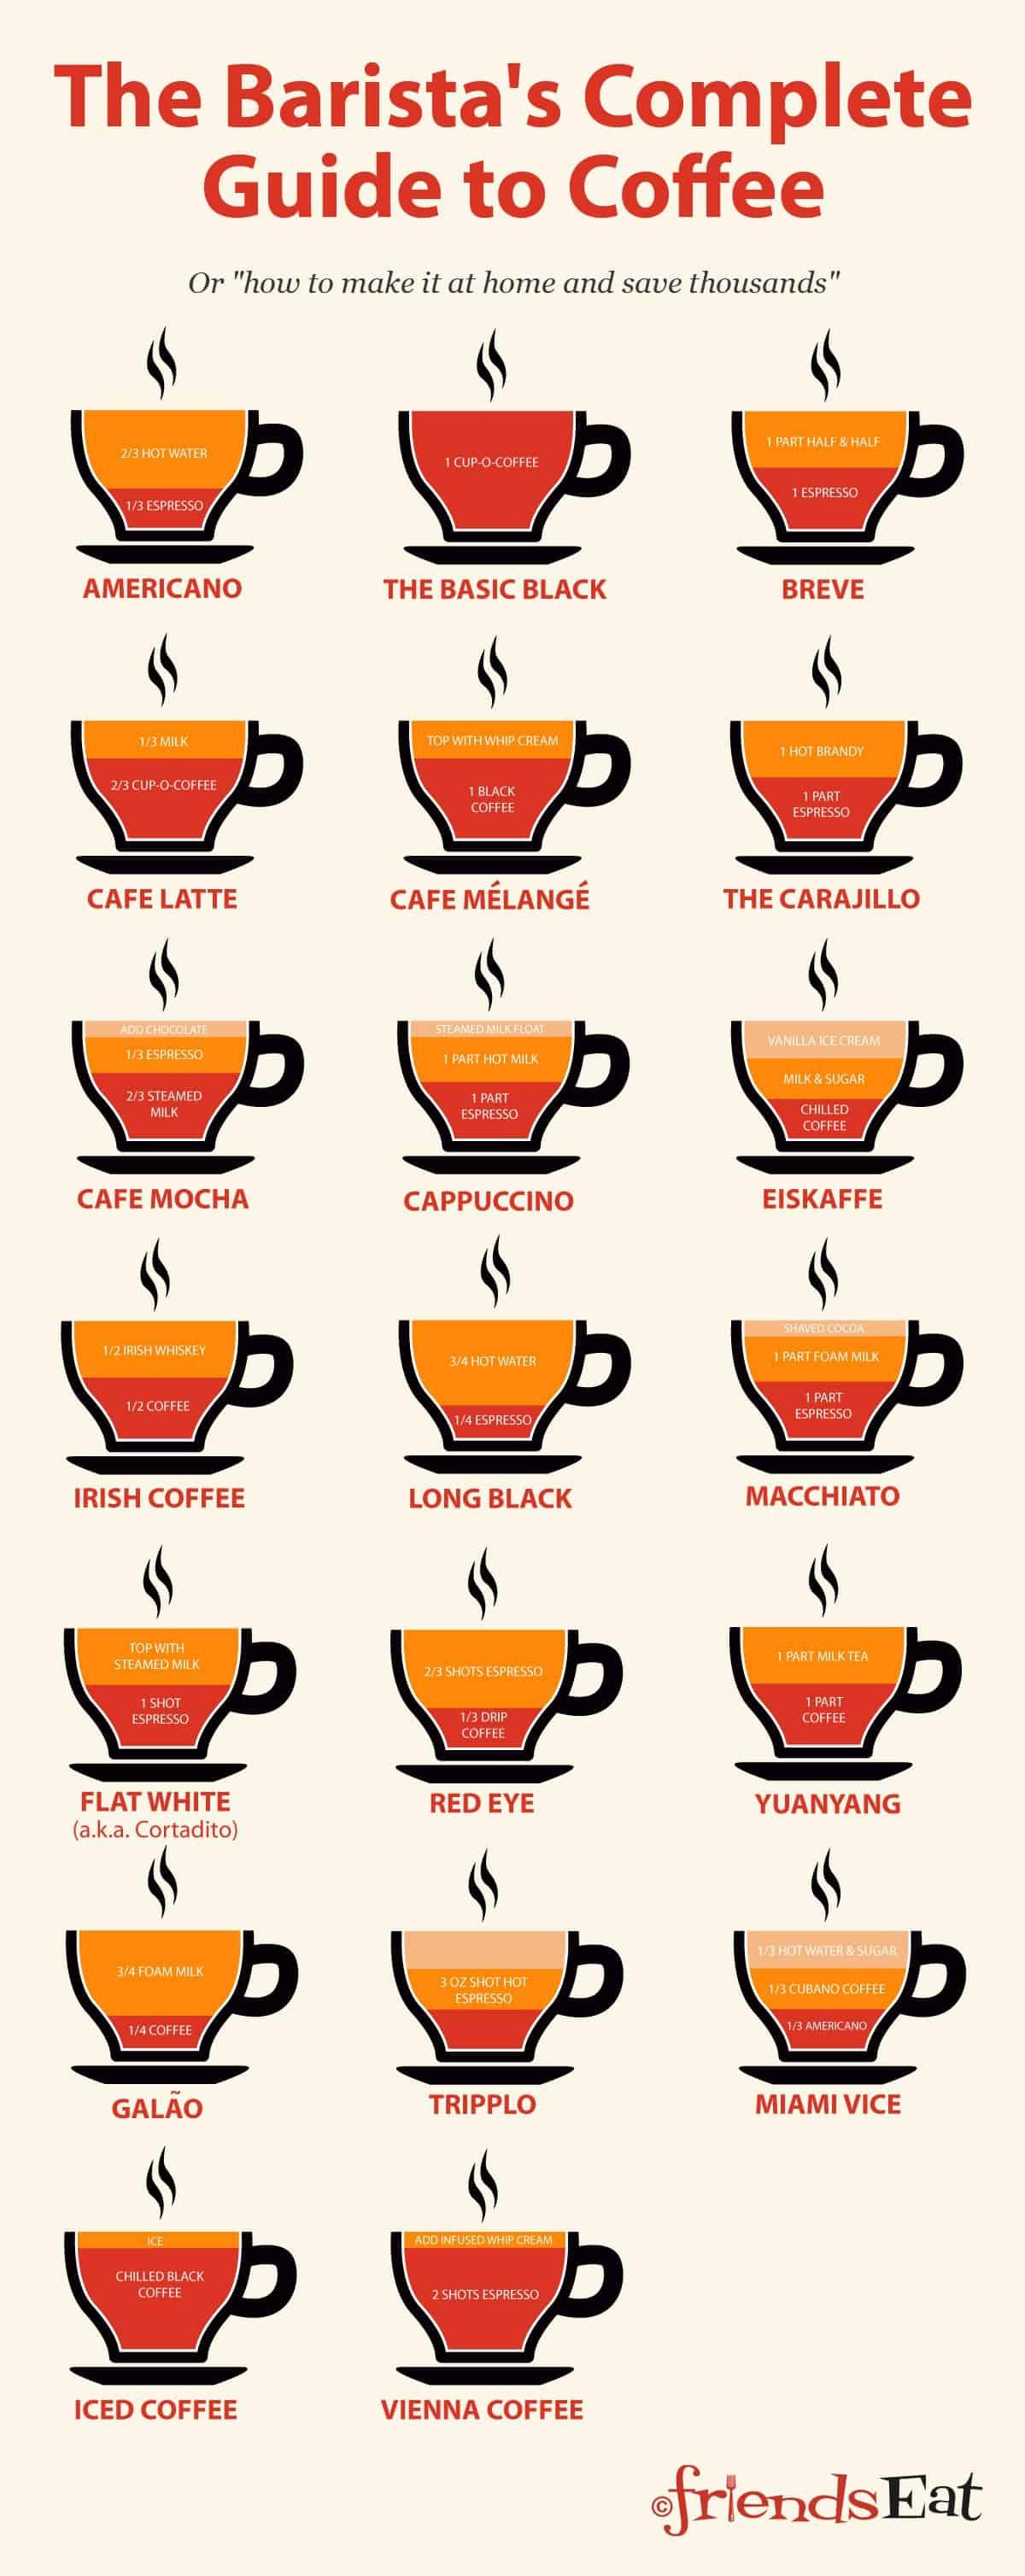 Кофе бреве: что это за напиток и рецепт приготовления